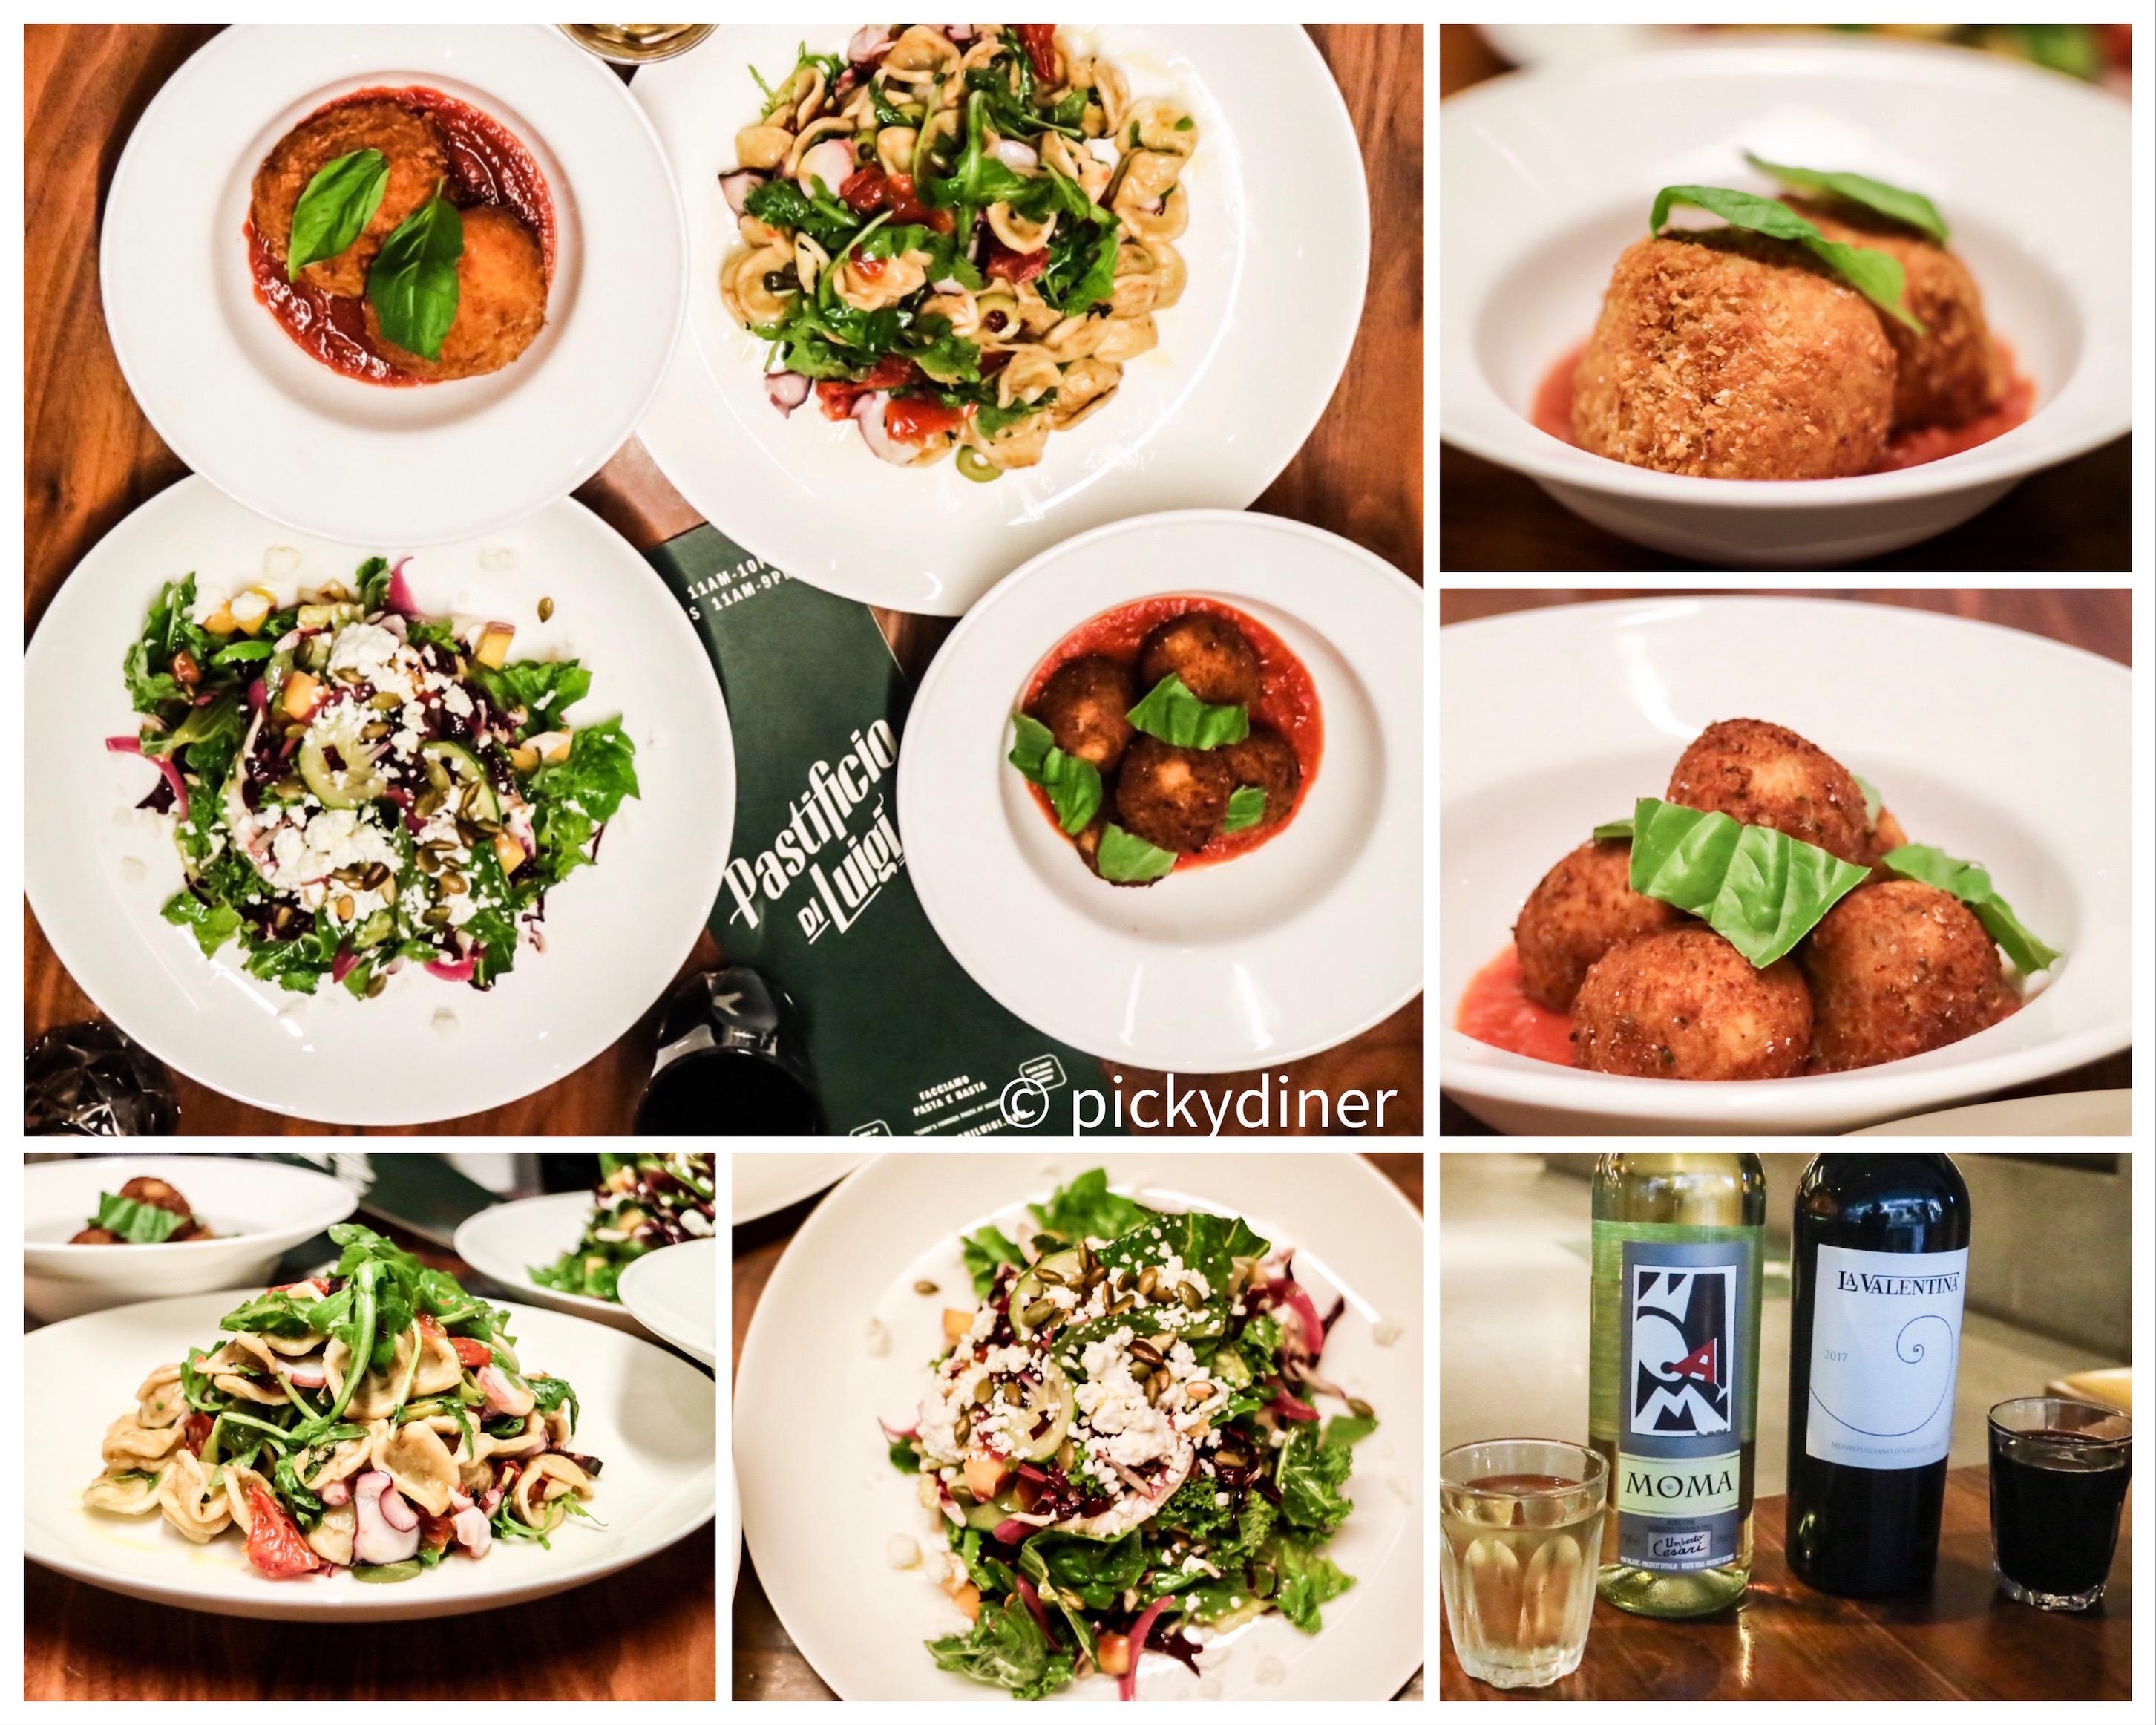 from top left: antipasti & insalata, suppli al telfono, polpette fritte, trebbiano & montepulciano, radicchio & romaine, insalata di pasta e pulpo